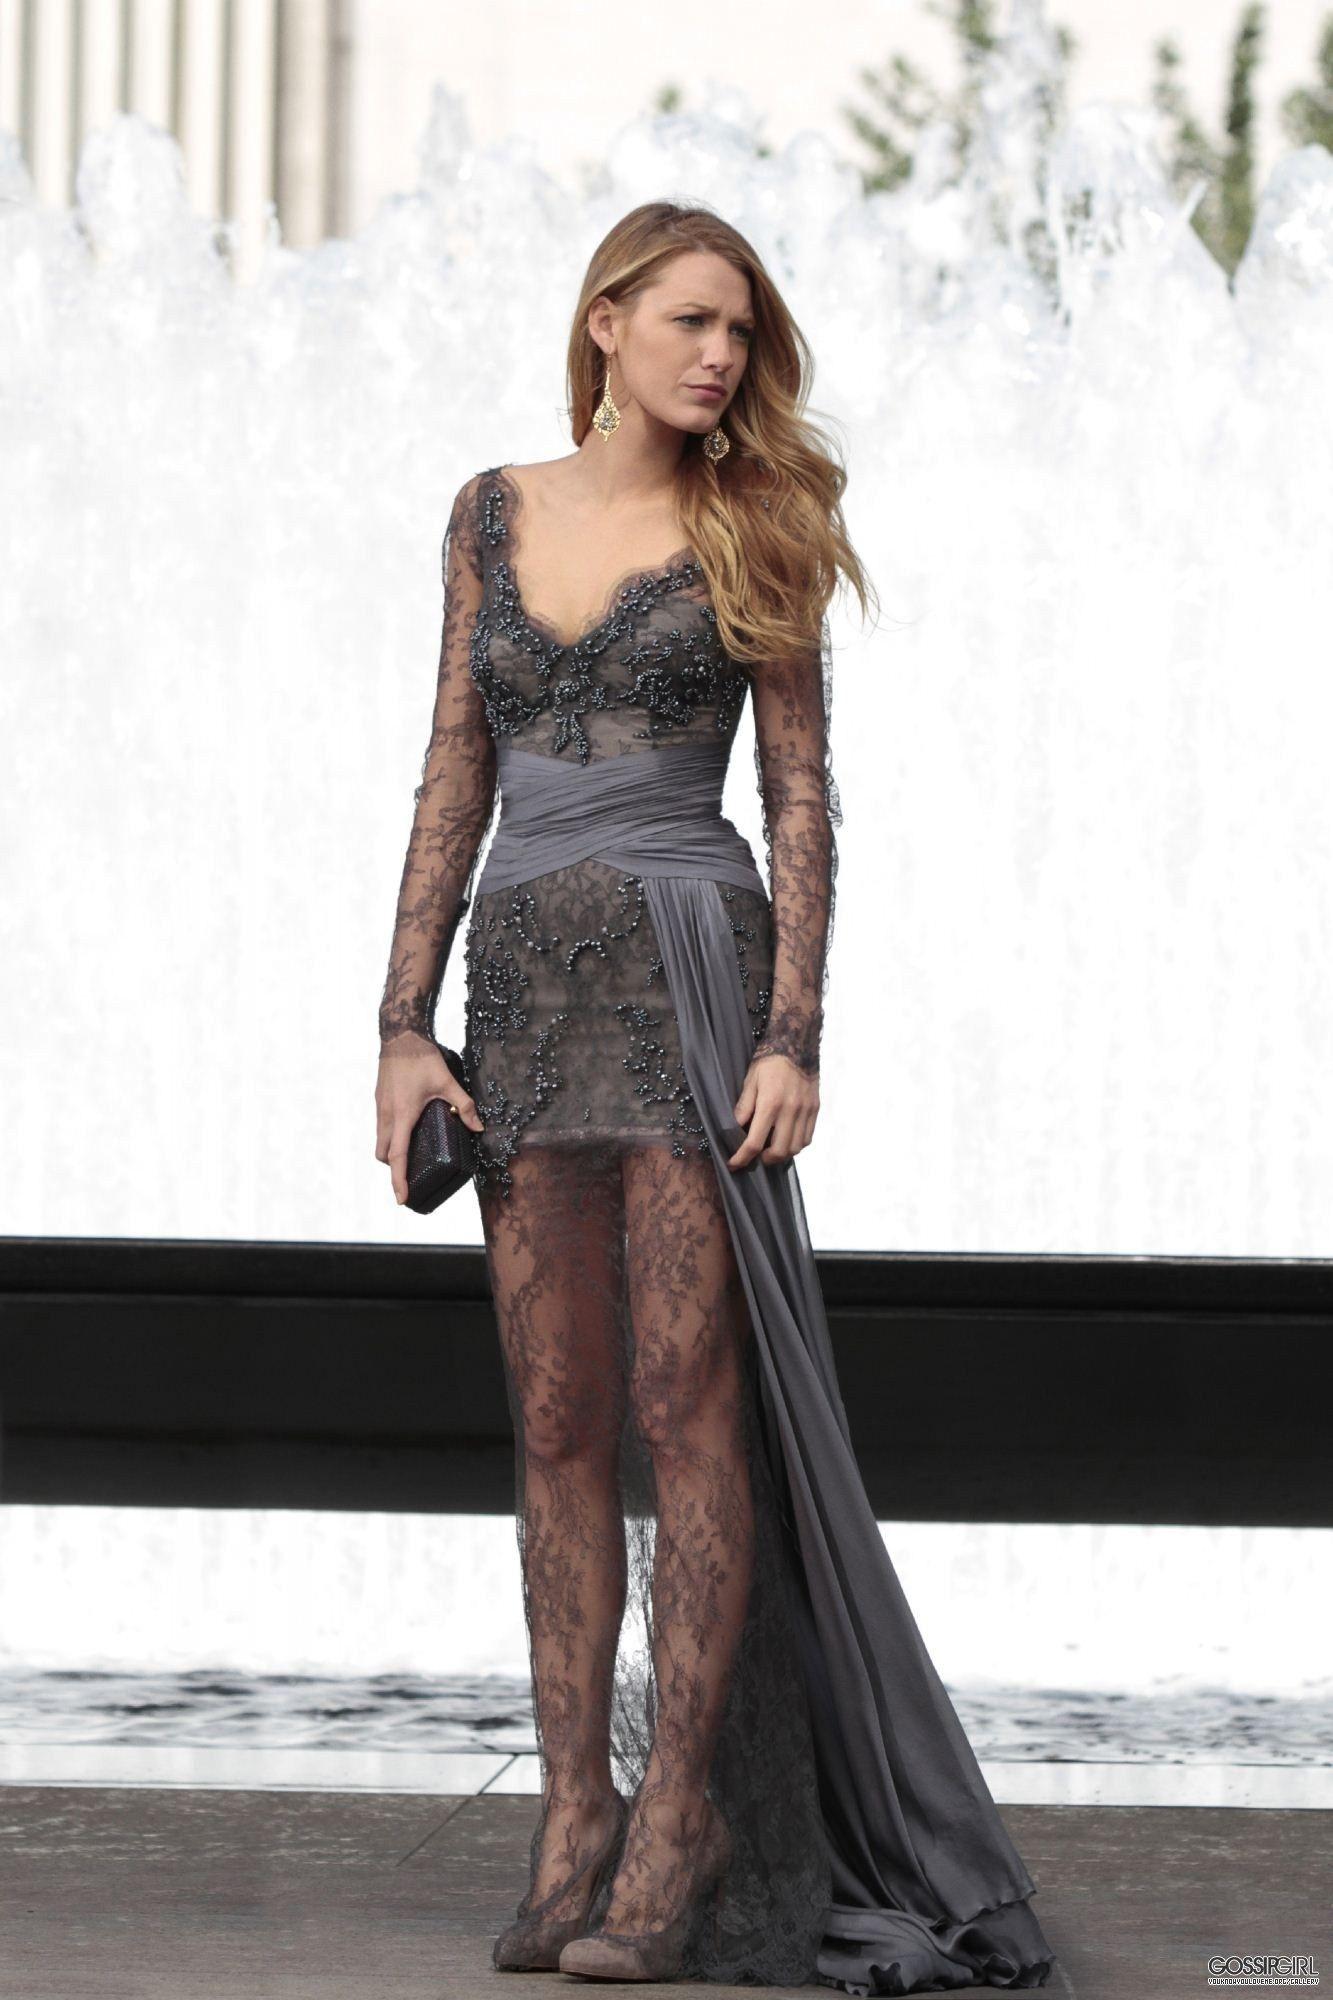 evening grey dress blake lively. evening grey dress blake lively Robes De  Gossip Girl ... d2bde551f9ba